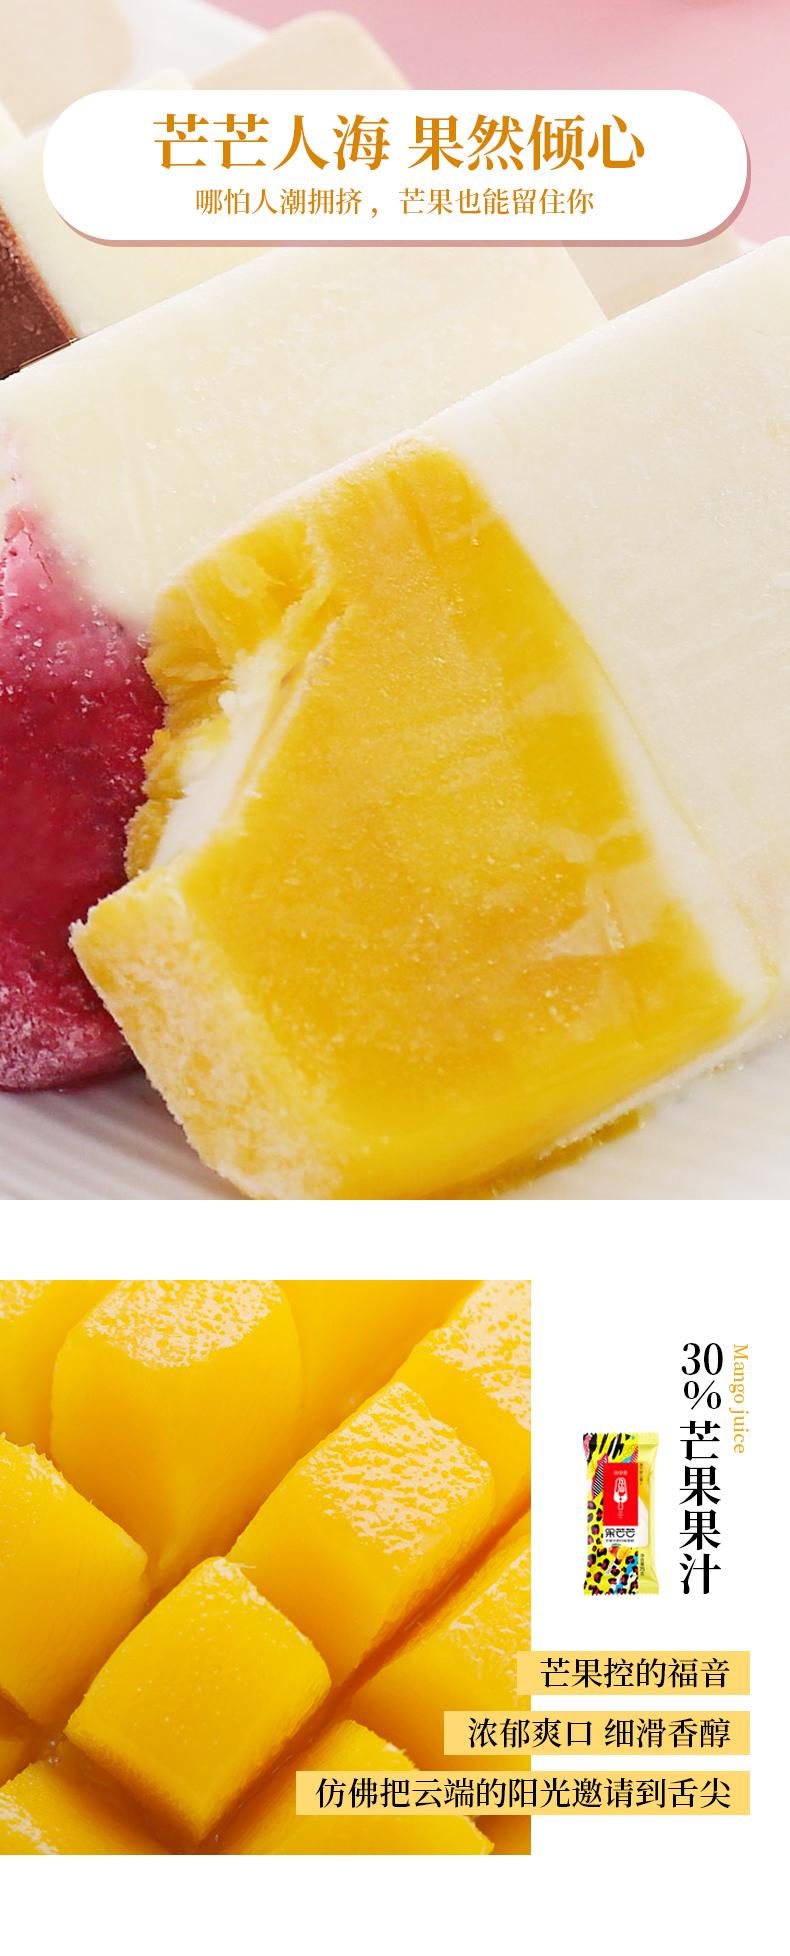 新西蘭進口奶源,凡糕 8口味 冰激凌 75gx12支x2件 雙重優惠后68.5元包郵 買手黨-買手聚集的地方